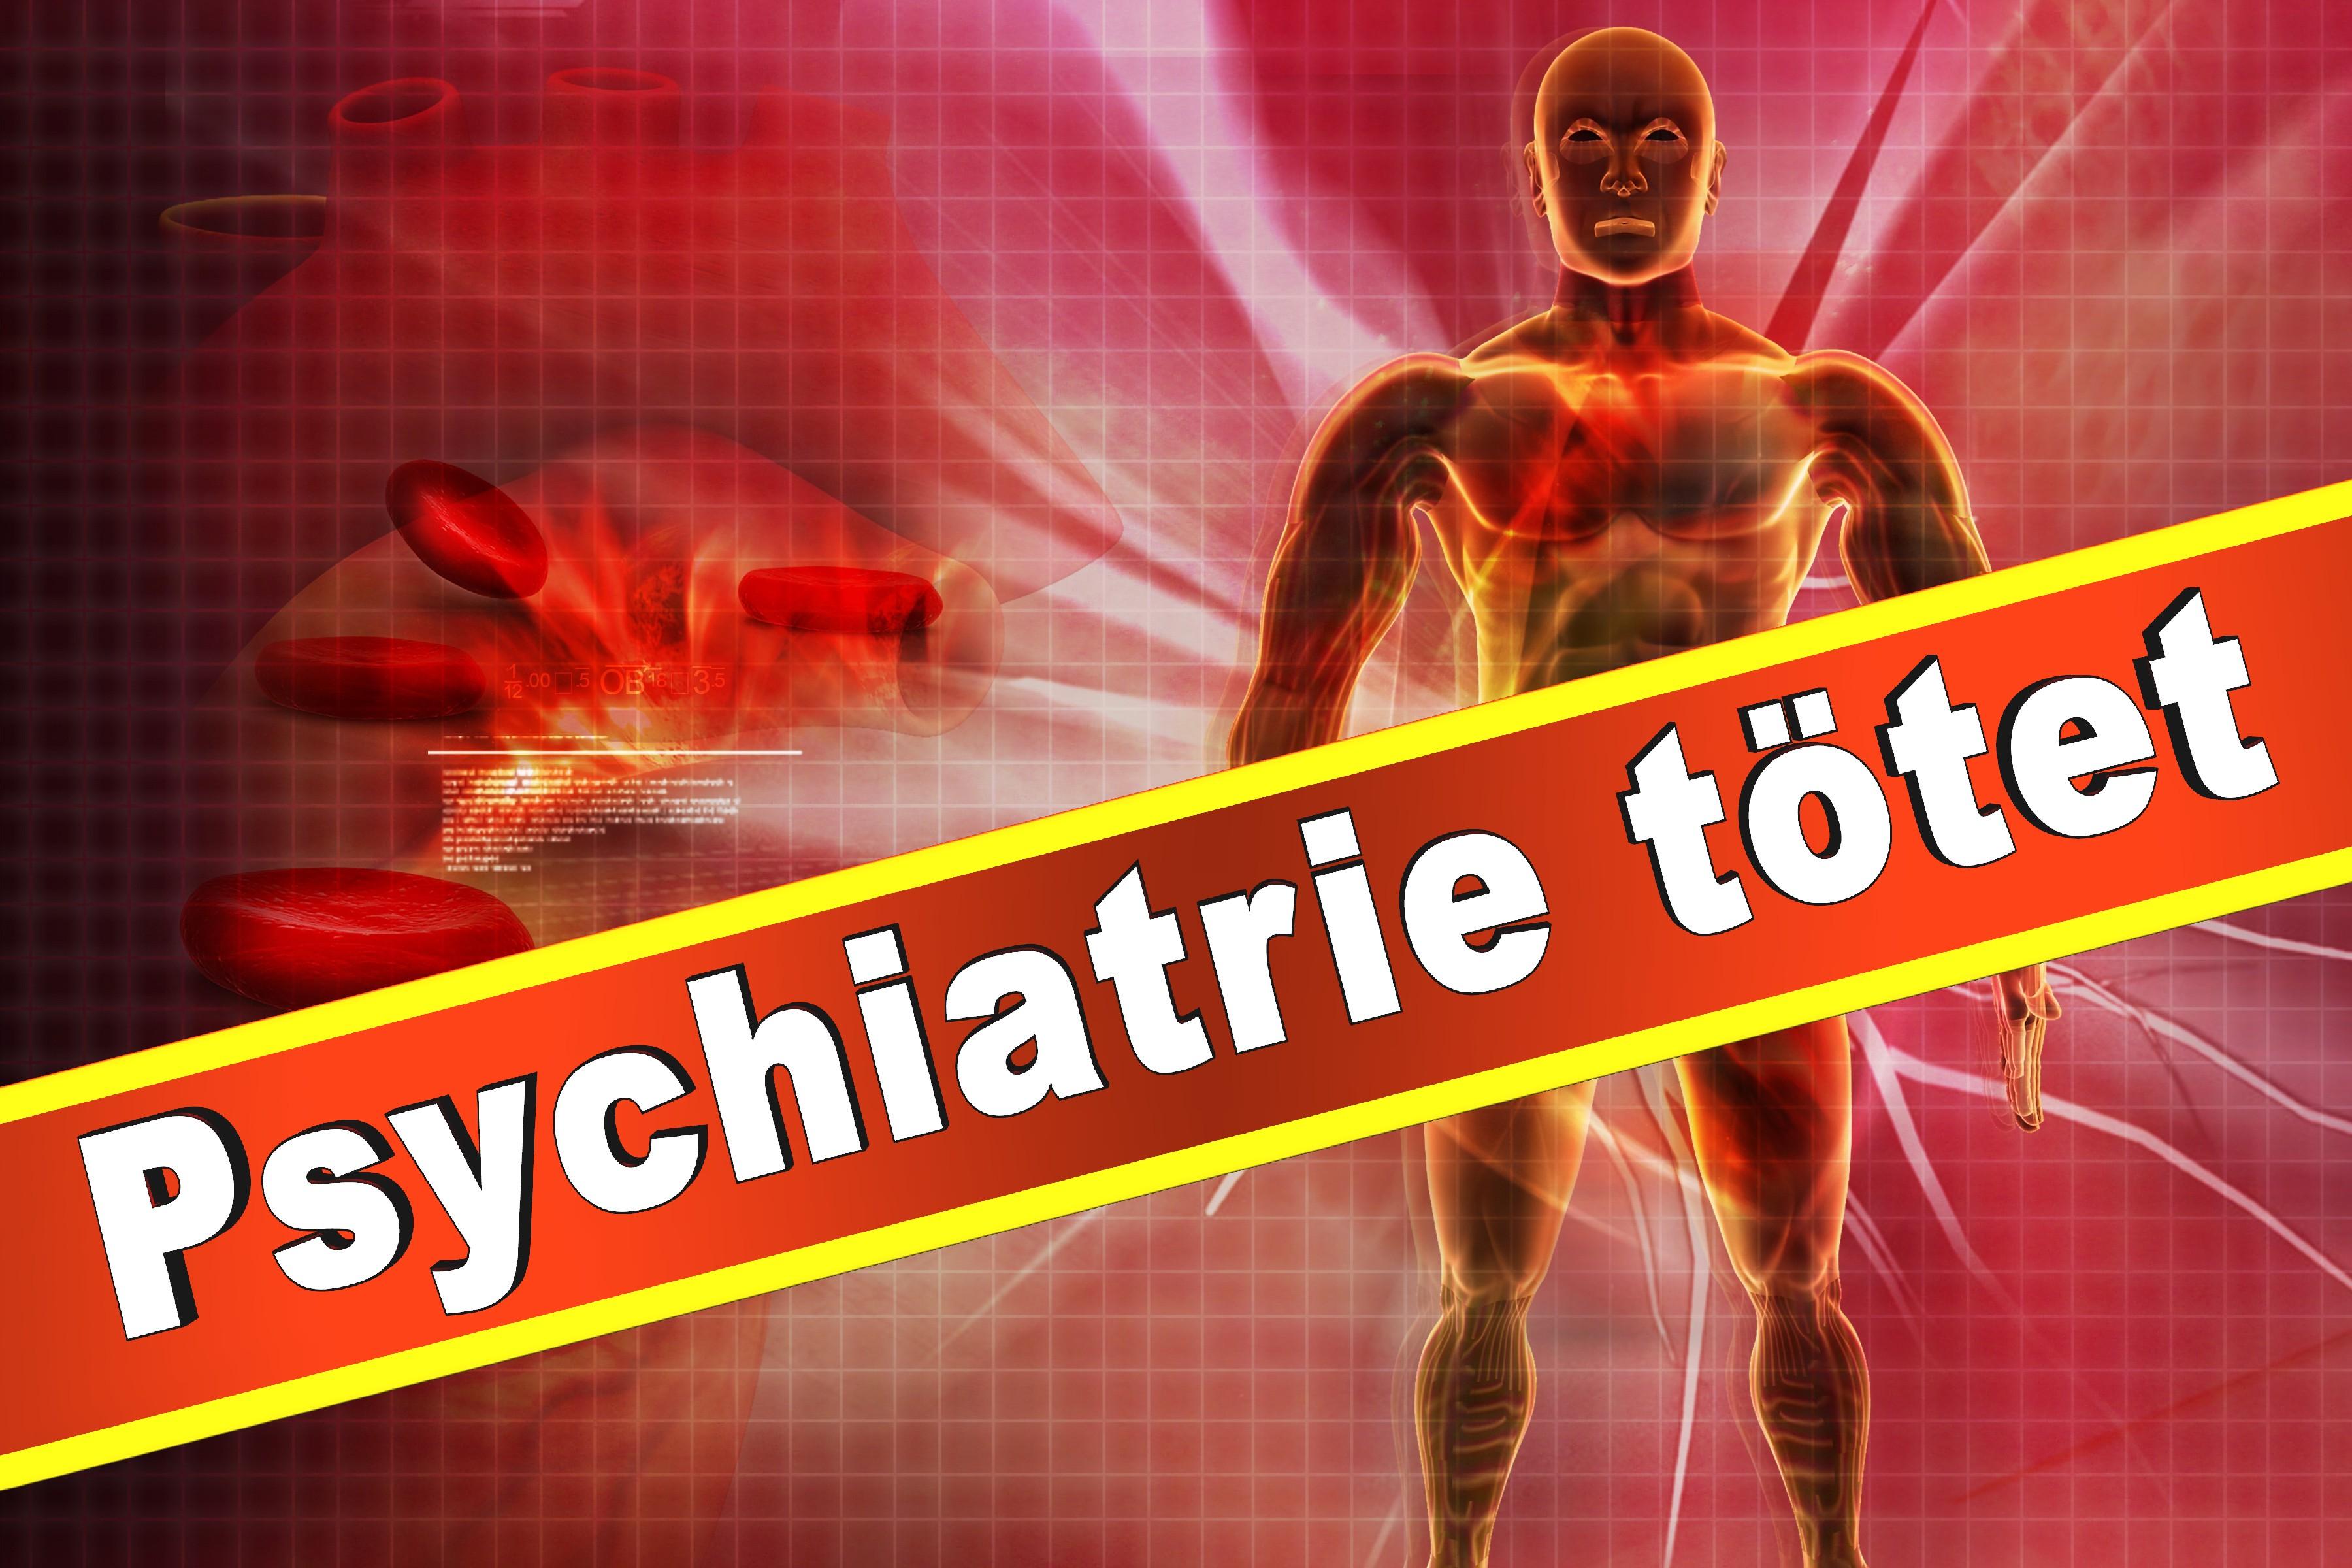 Wielant Machleidt Psychiater Psychotherapeut Professor Praxis Der Interkulturellen Psychiatrie Und Psychotherapie Medizinische Hochschule Hannover Klinik Für Psychiatrie Sozialpsychiatrie (29)